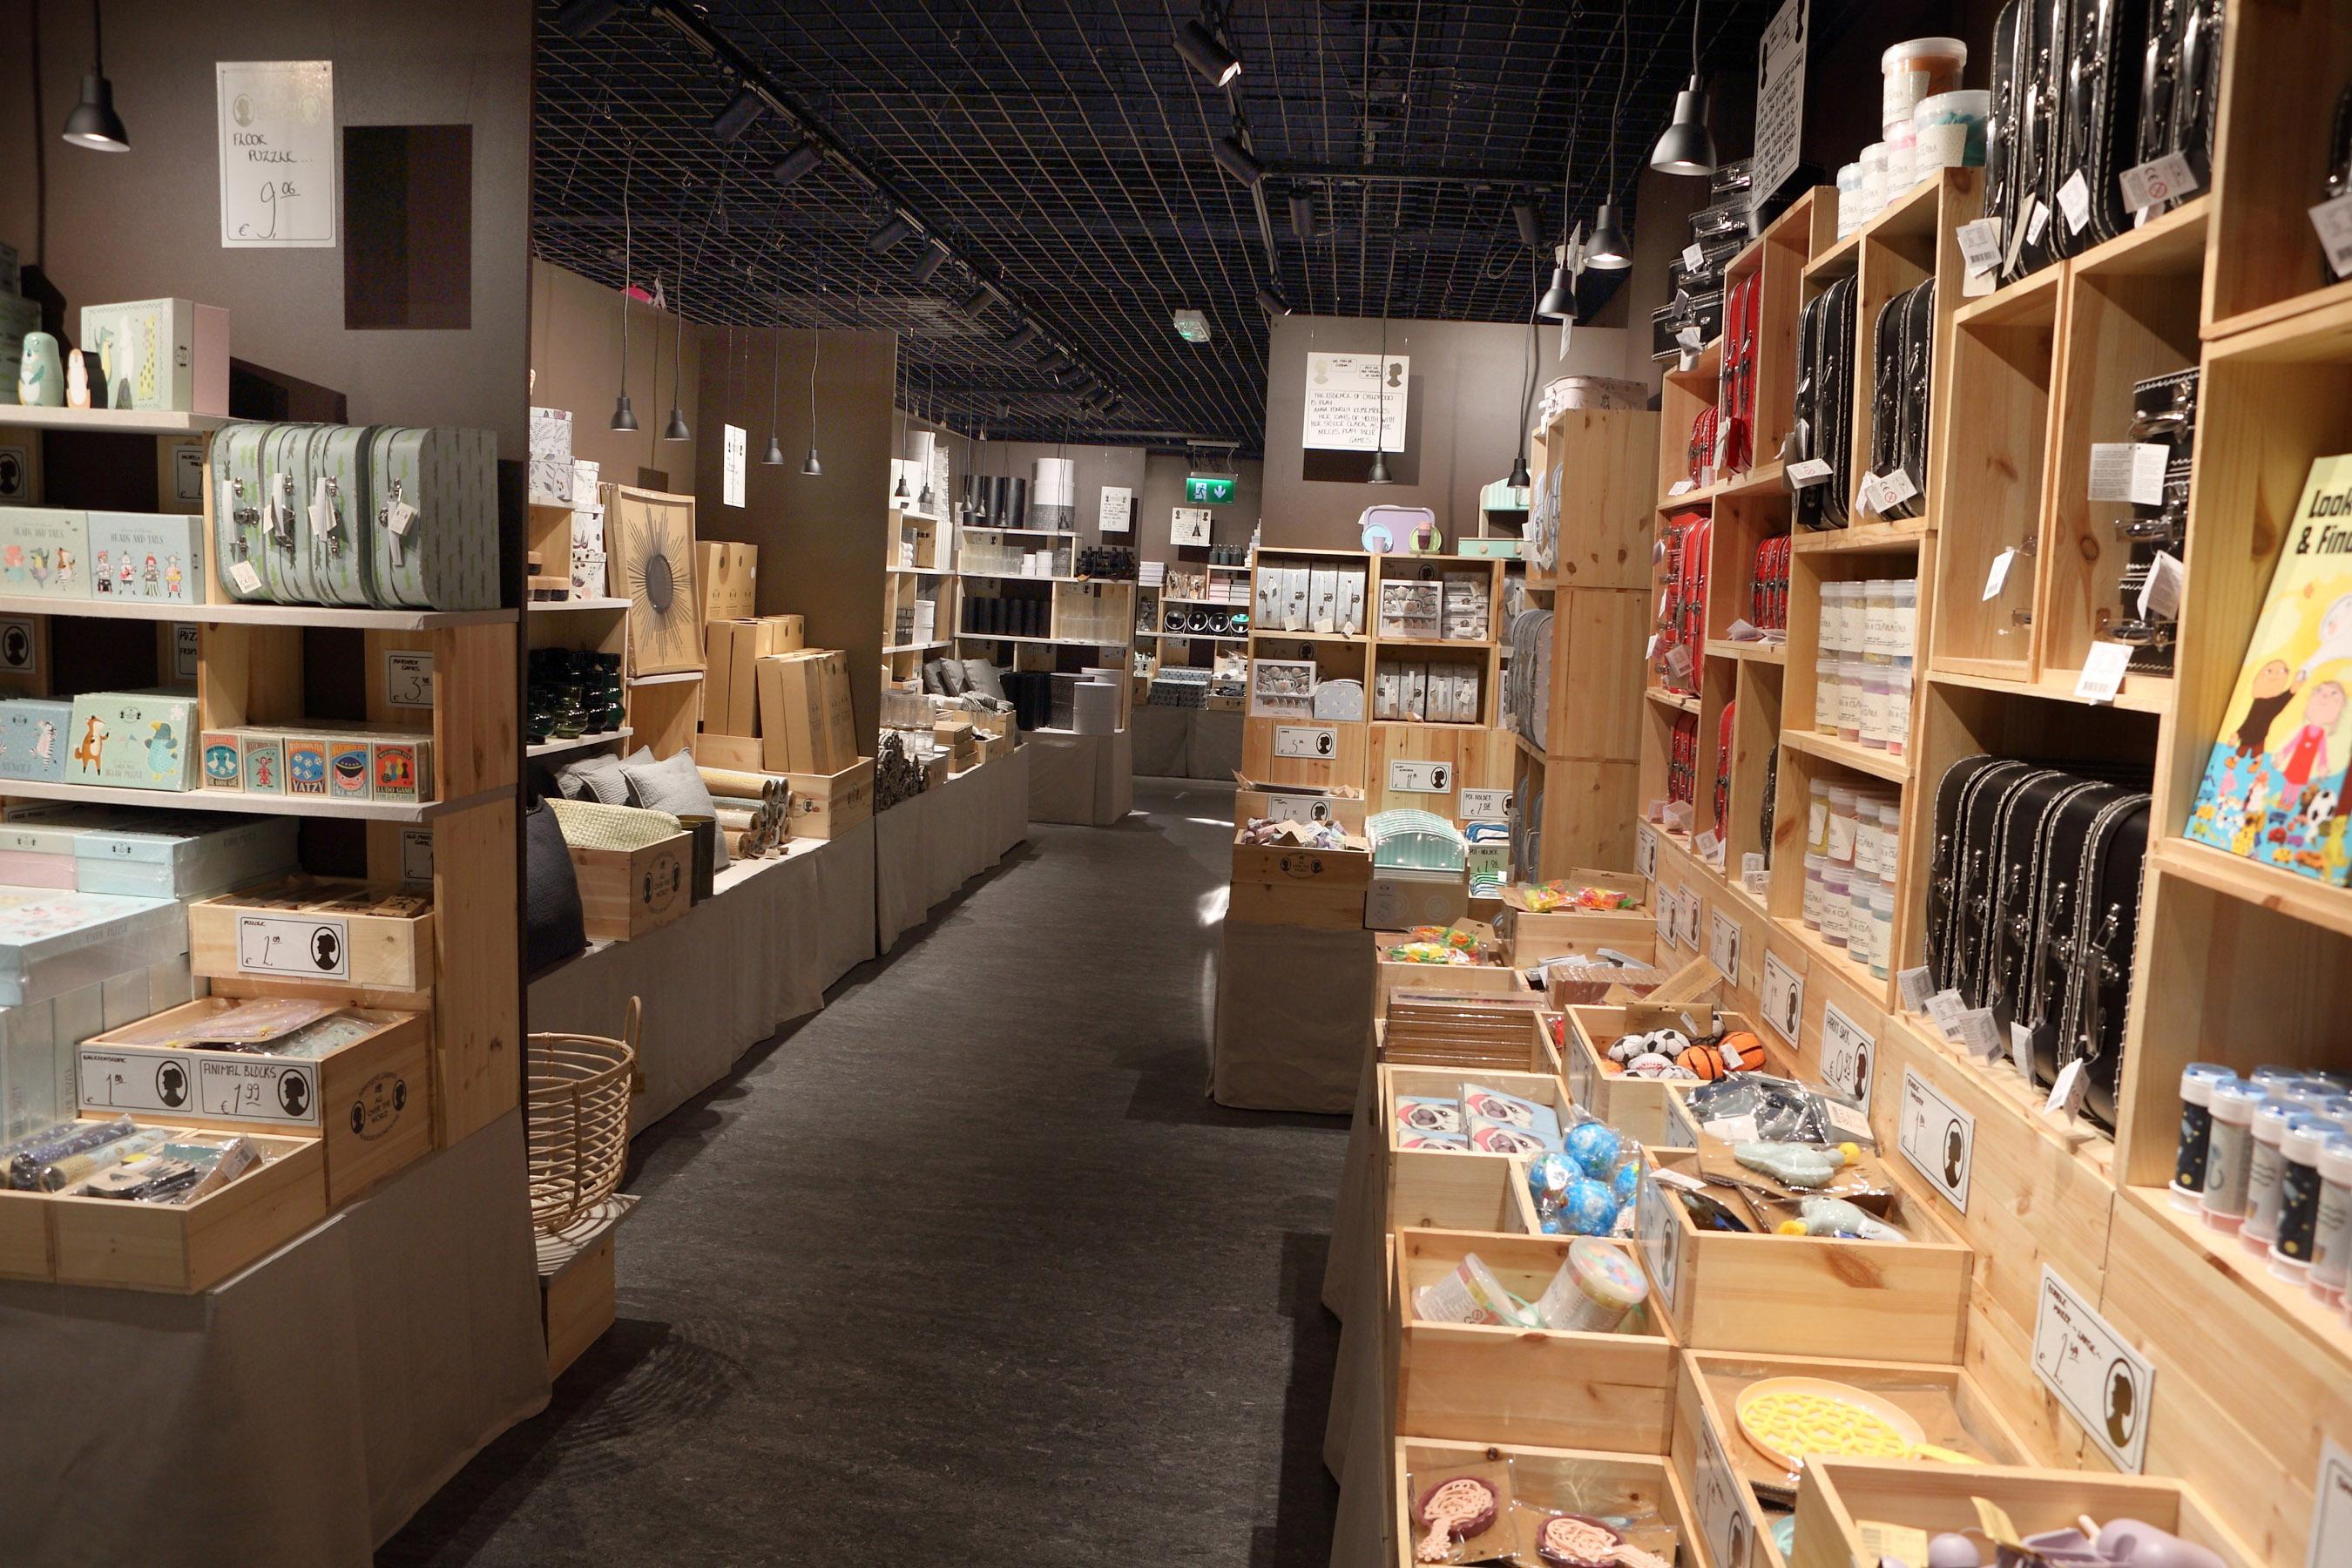 Søstrene Grene Opens Its Biggest Store Outside Of Denmark On